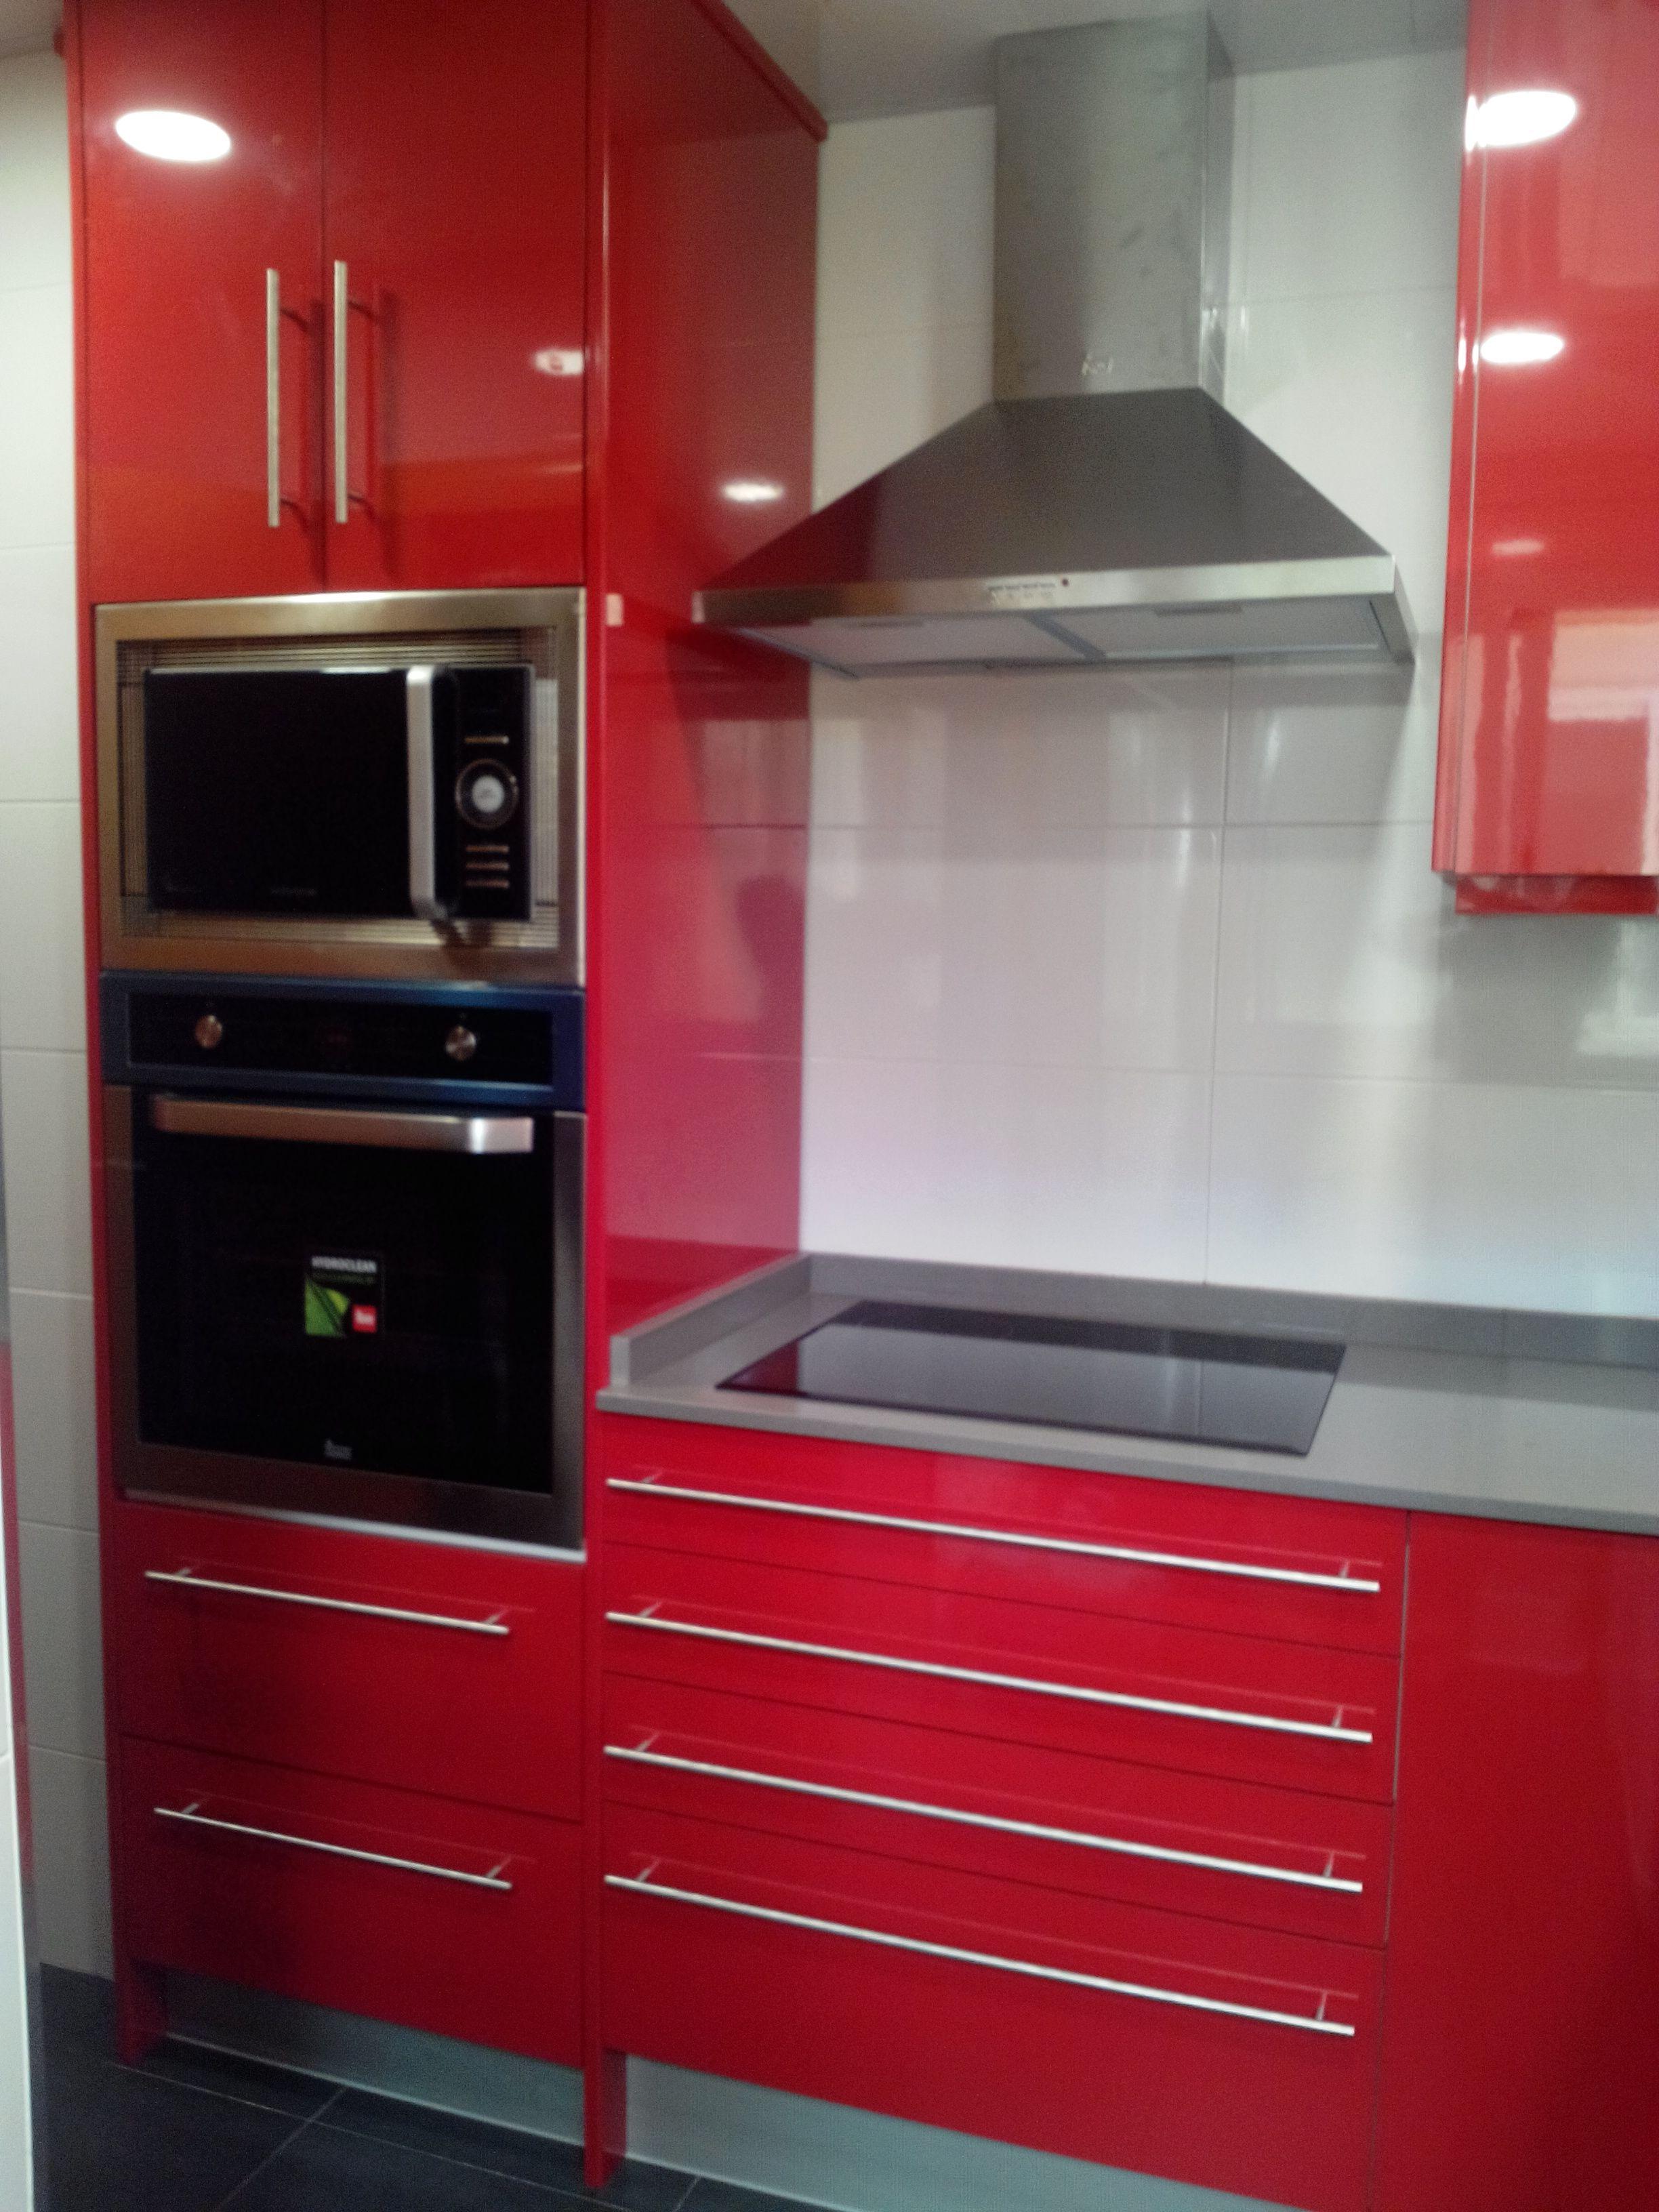 Proyecto Mueble Funcional Diseño De Mobiliario A Medida: Cocina Moderna En Rojo Brillo